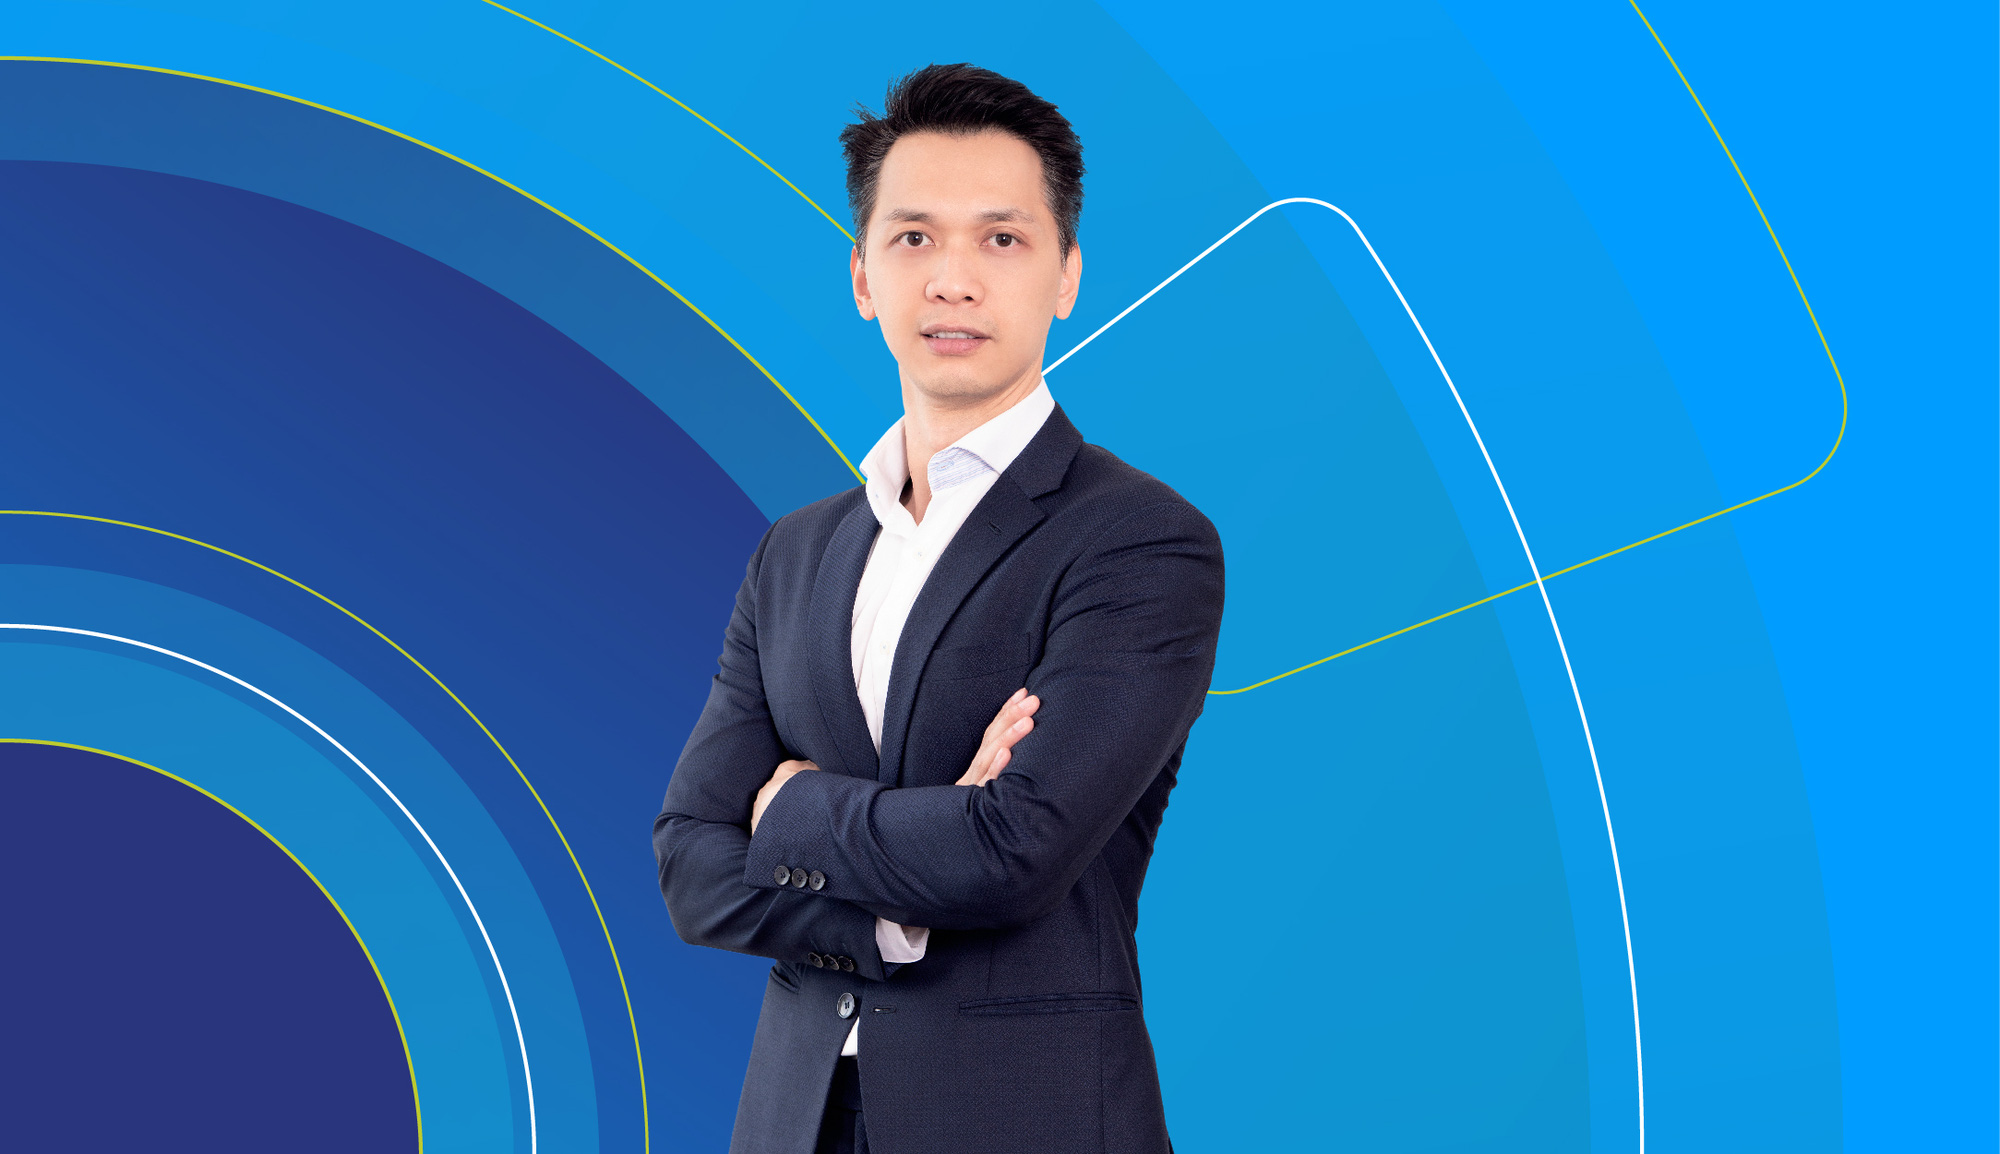 """Hợp tác độc quyền, ACB của ông Trần Hùng Huy gây sốt với phí """"lót tay"""" lên tới 101 USD/khách hàng? - Ảnh 3."""